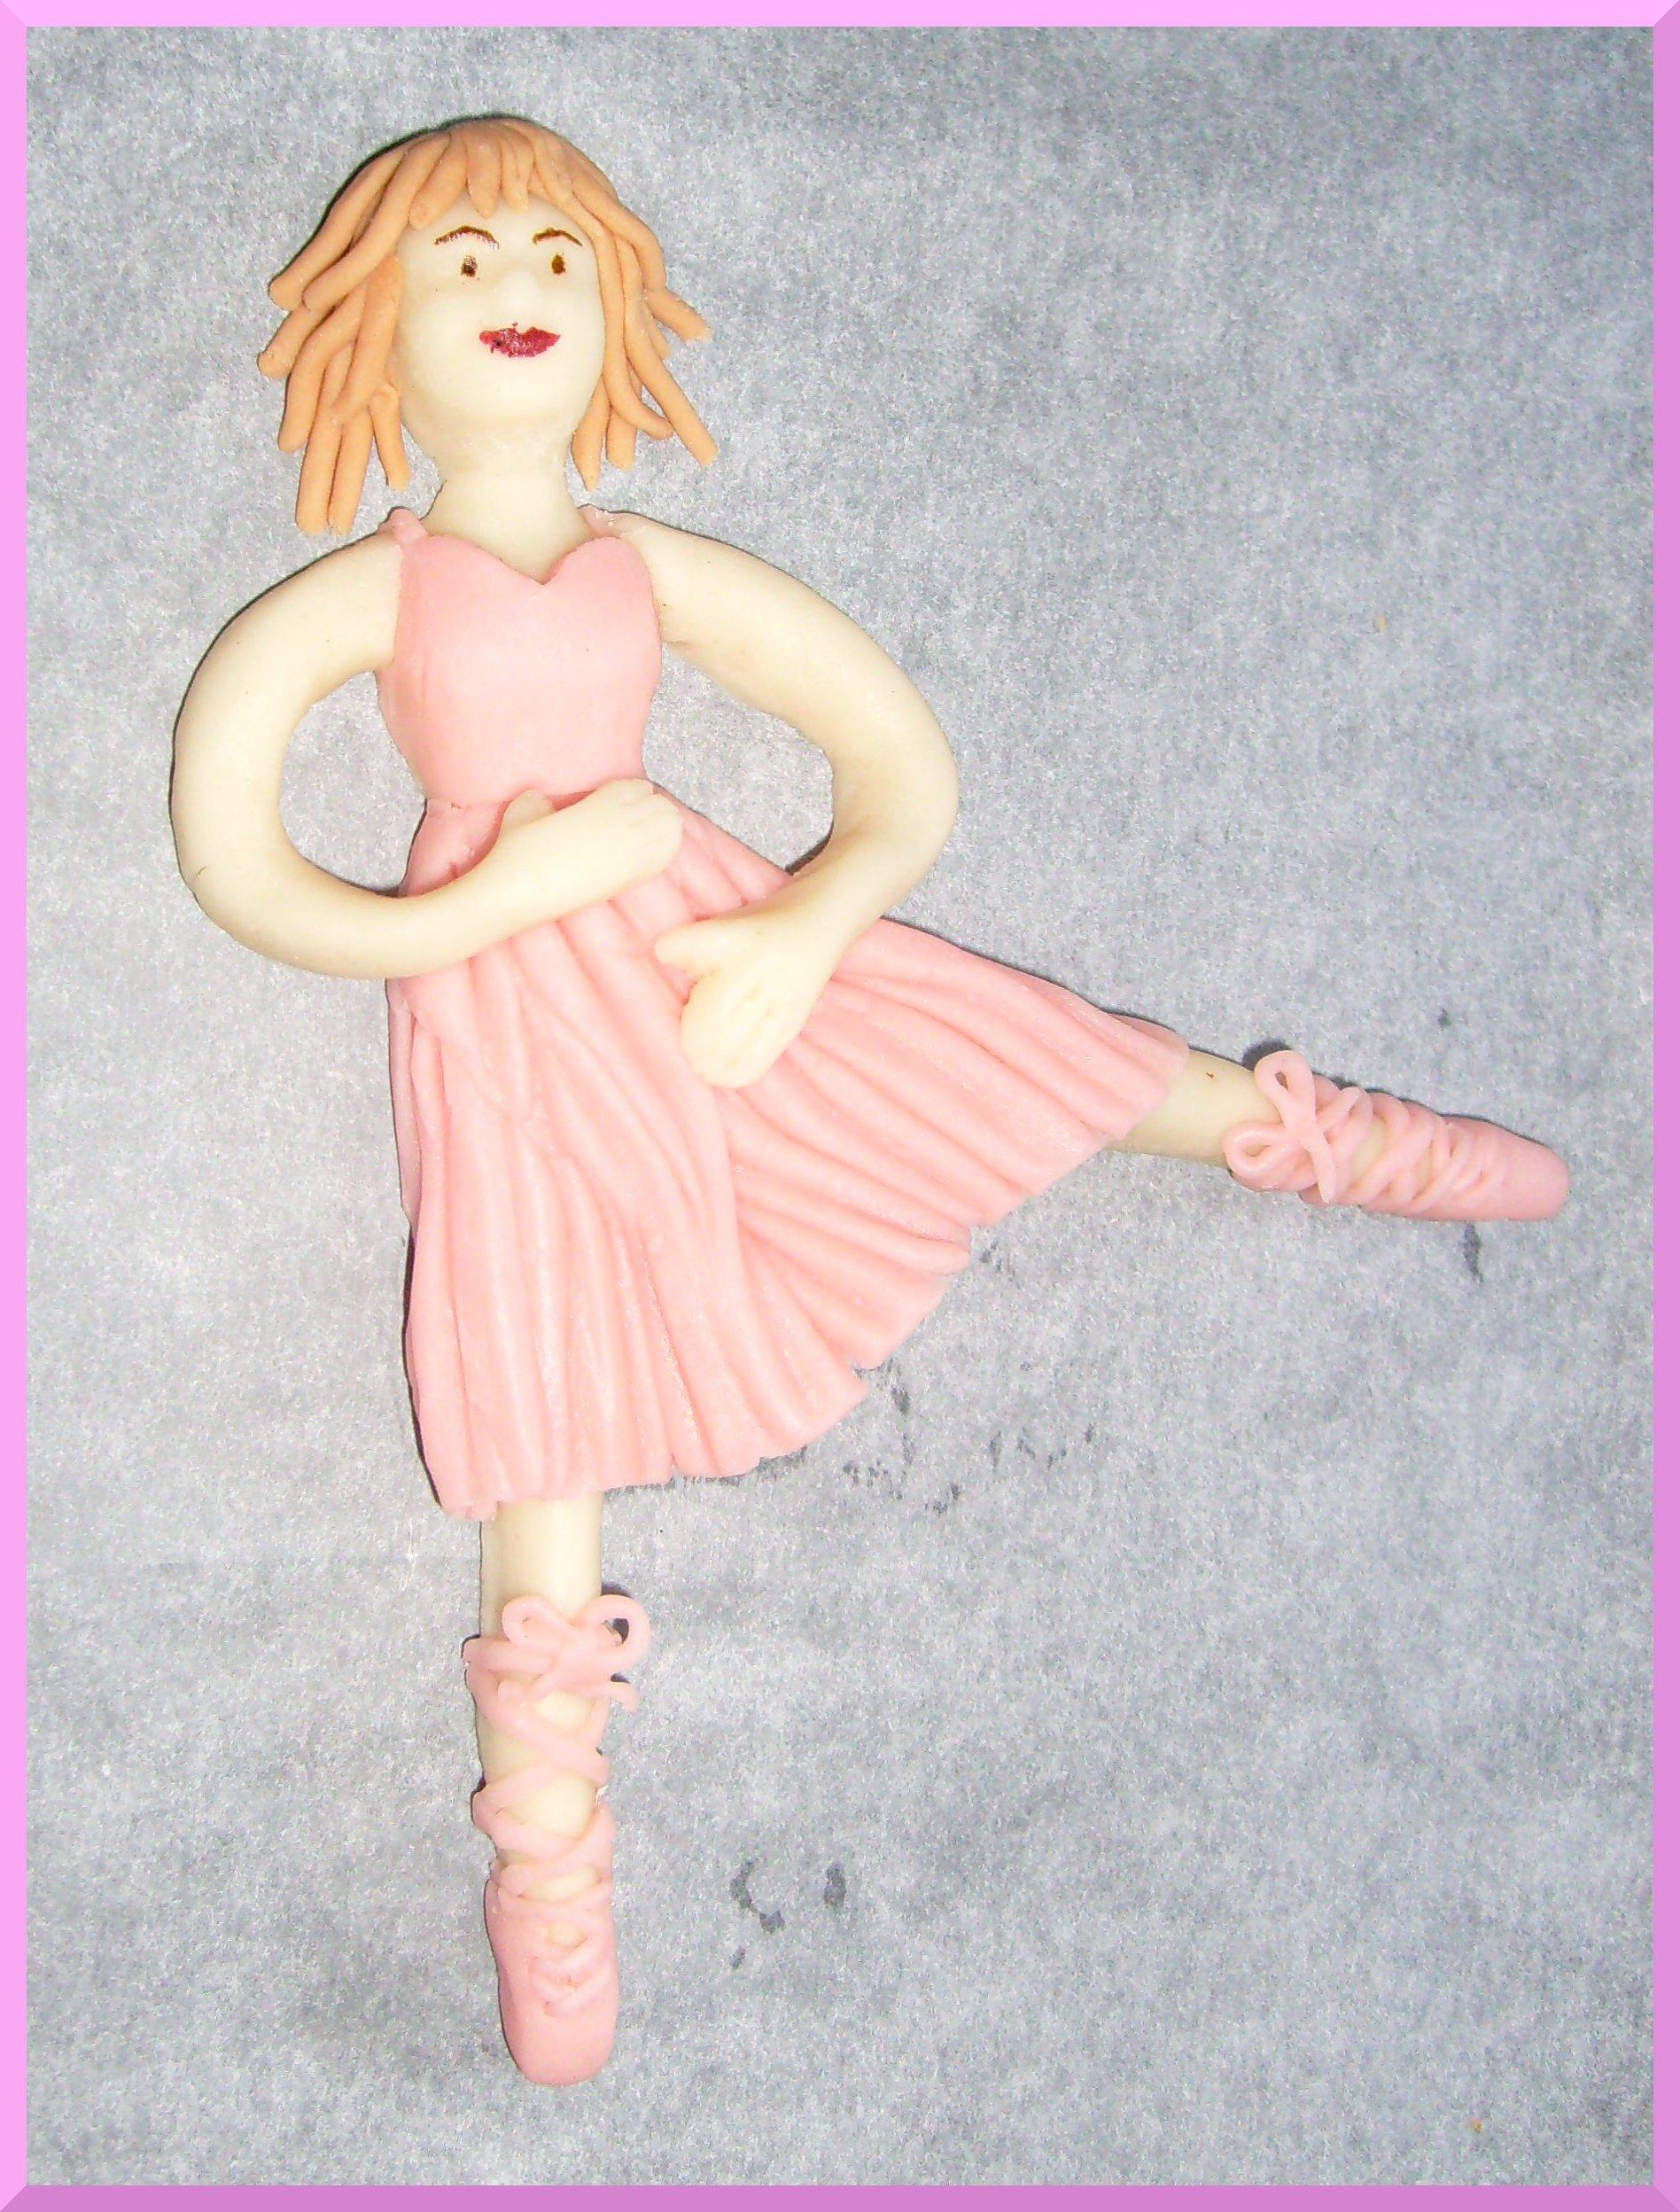 danseuseenpateamande.jpg